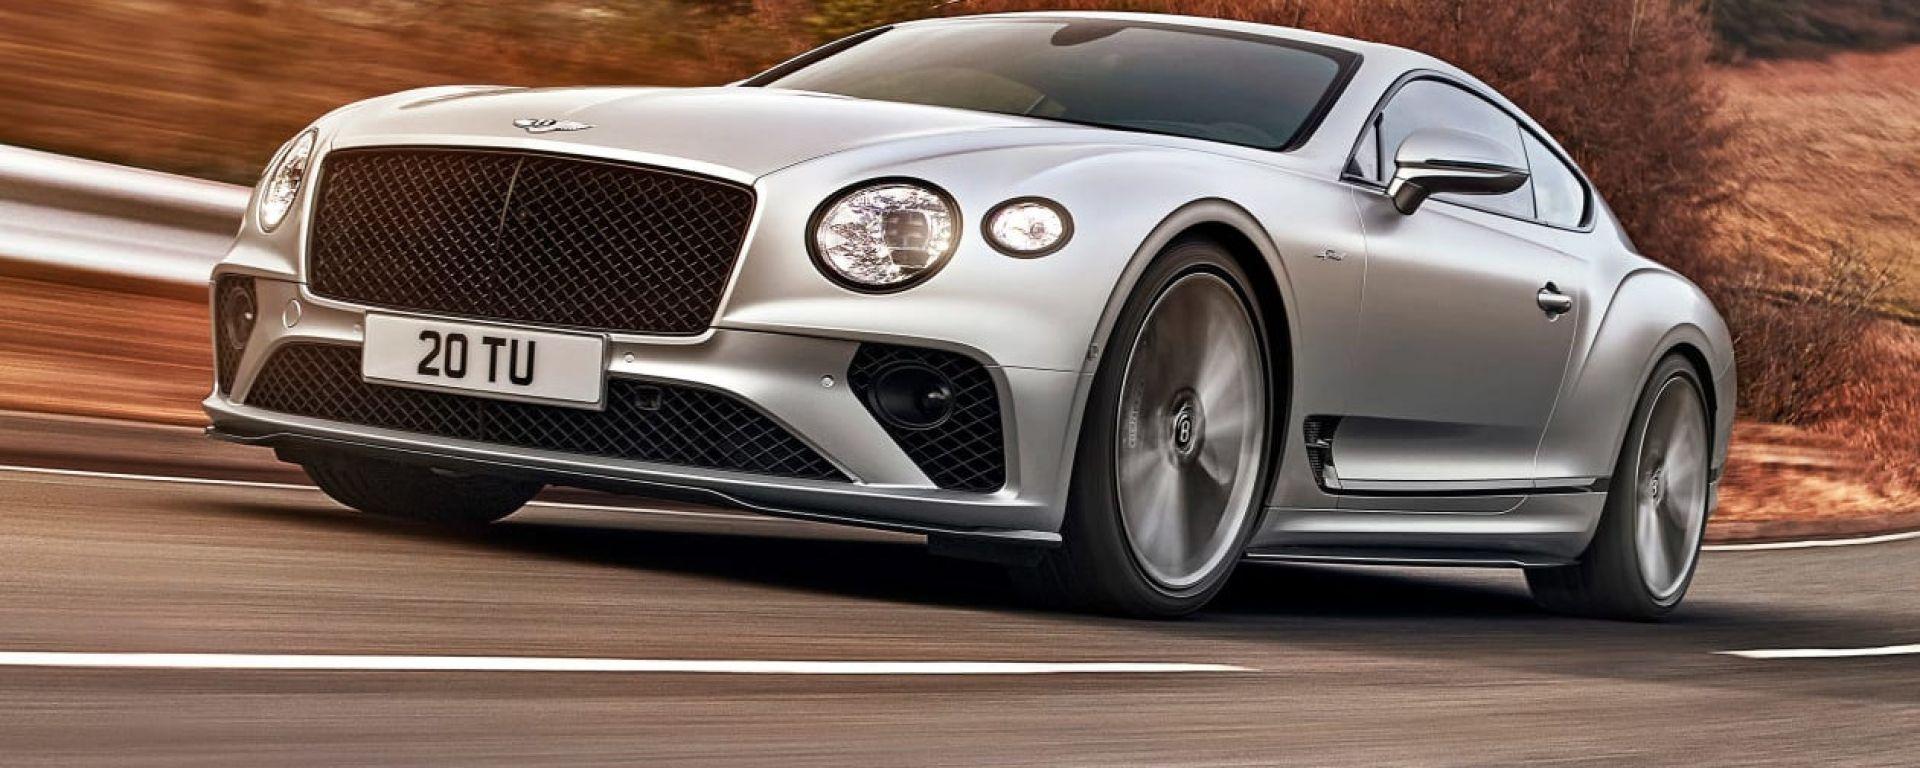 Nuova Bentley Continental GT Speed: la più veloce ed esclusiva della famiglia inglese